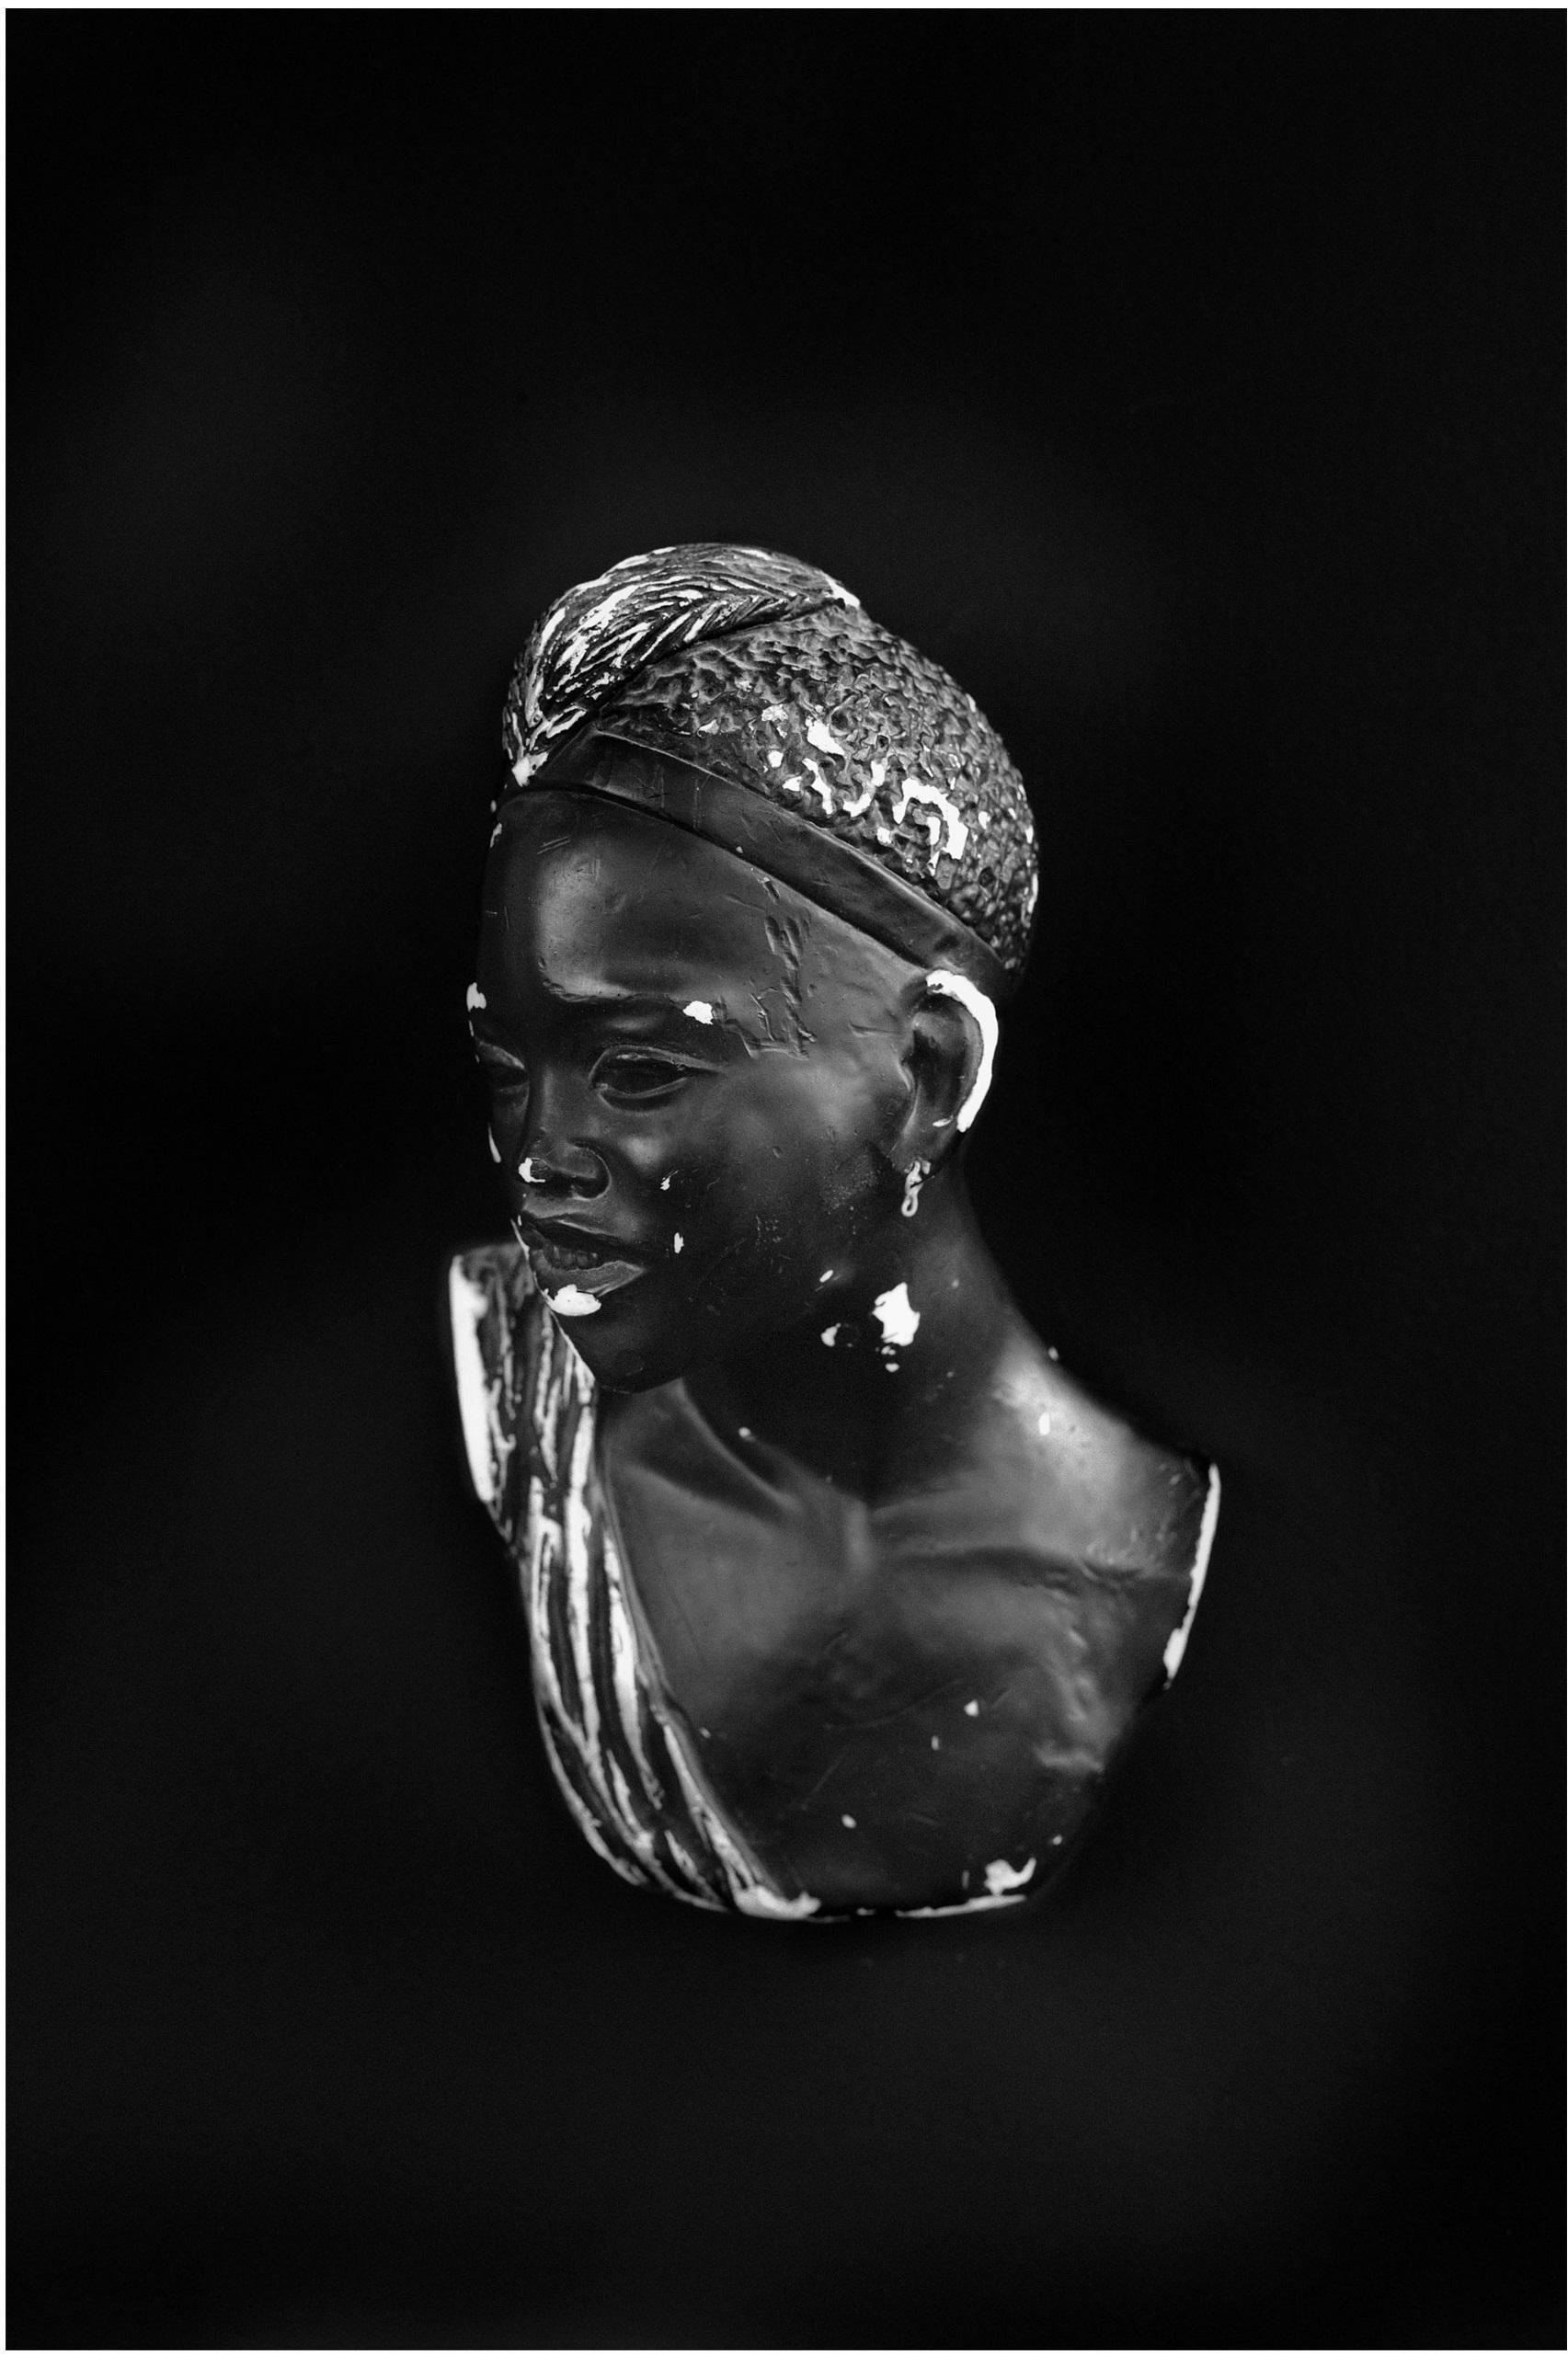 David Adika, Untitled (Alikma, Photogram no. 001) from Black Market, BW Photography 36x54 cm